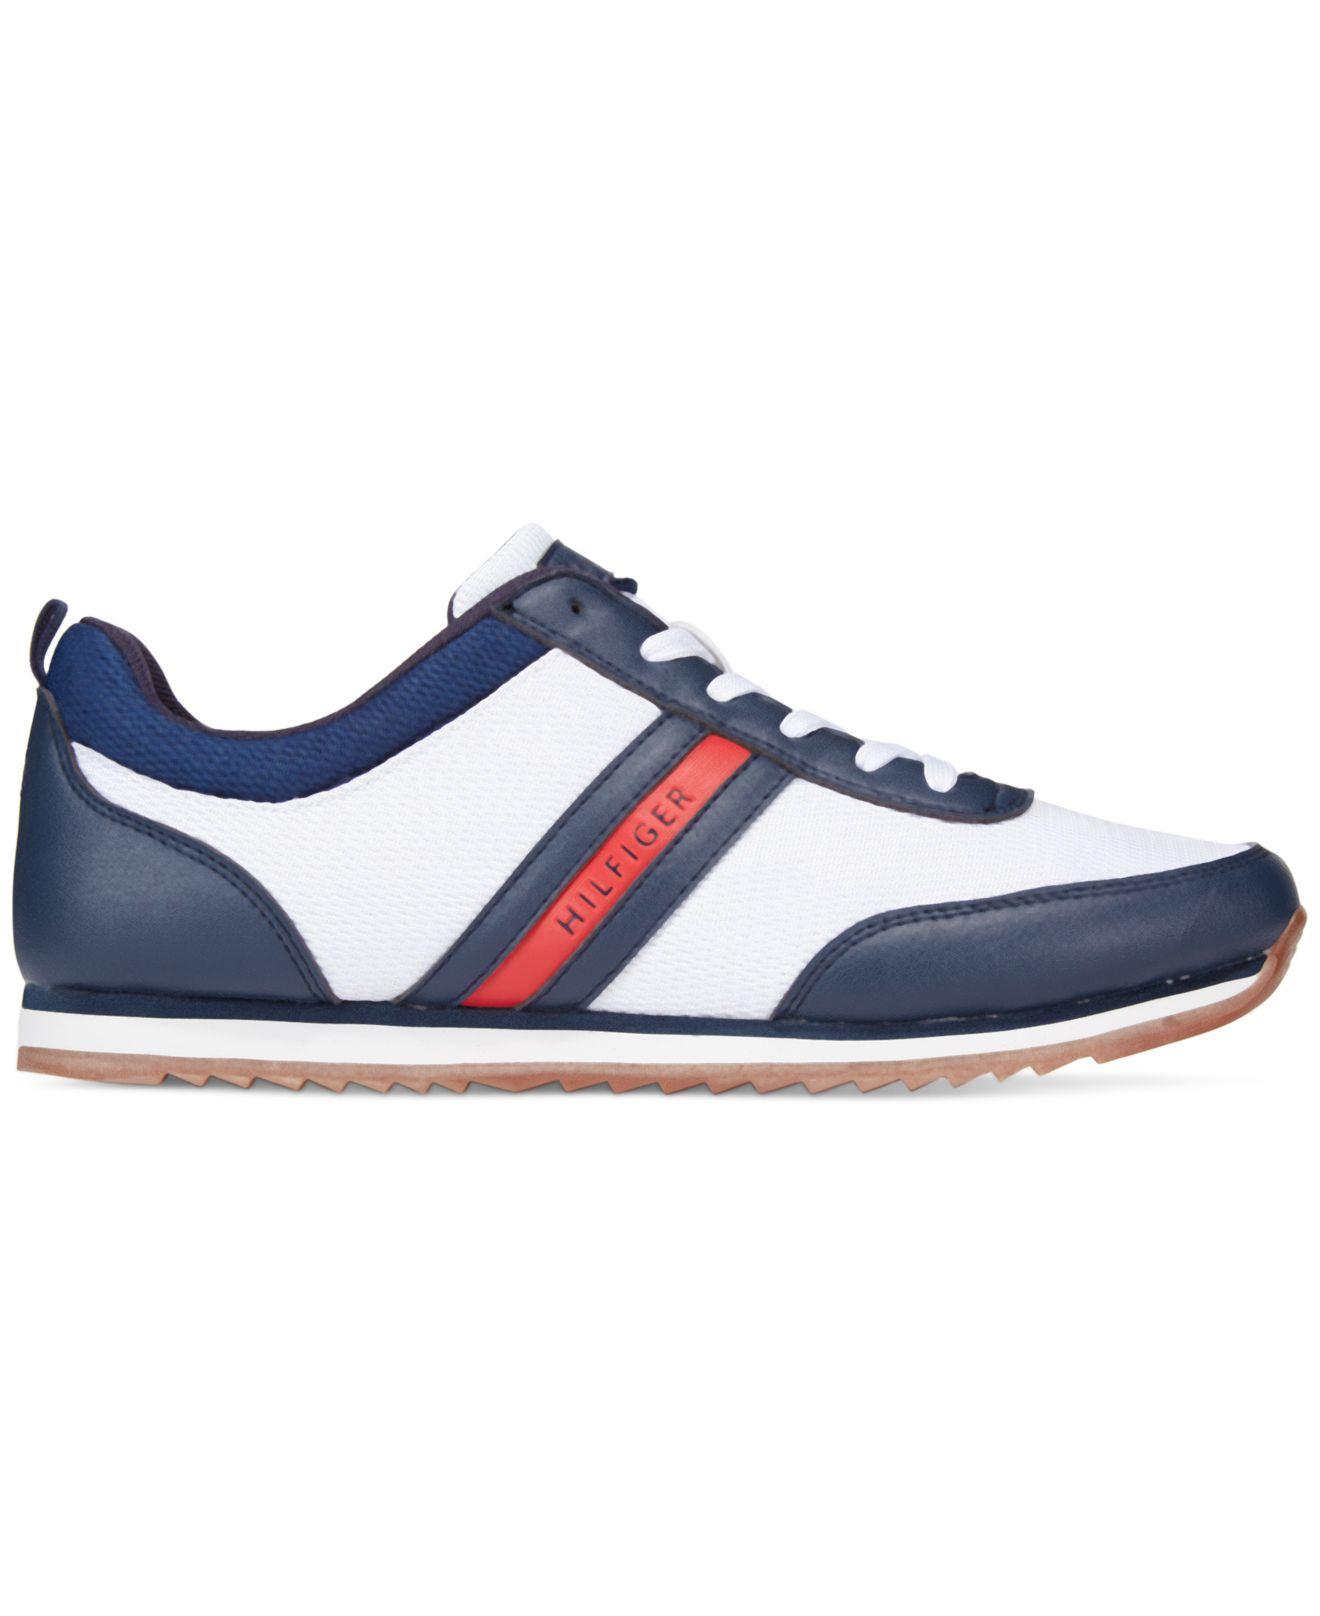 tommy hilfiger fonzie sneakers in blue for men lyst. Black Bedroom Furniture Sets. Home Design Ideas